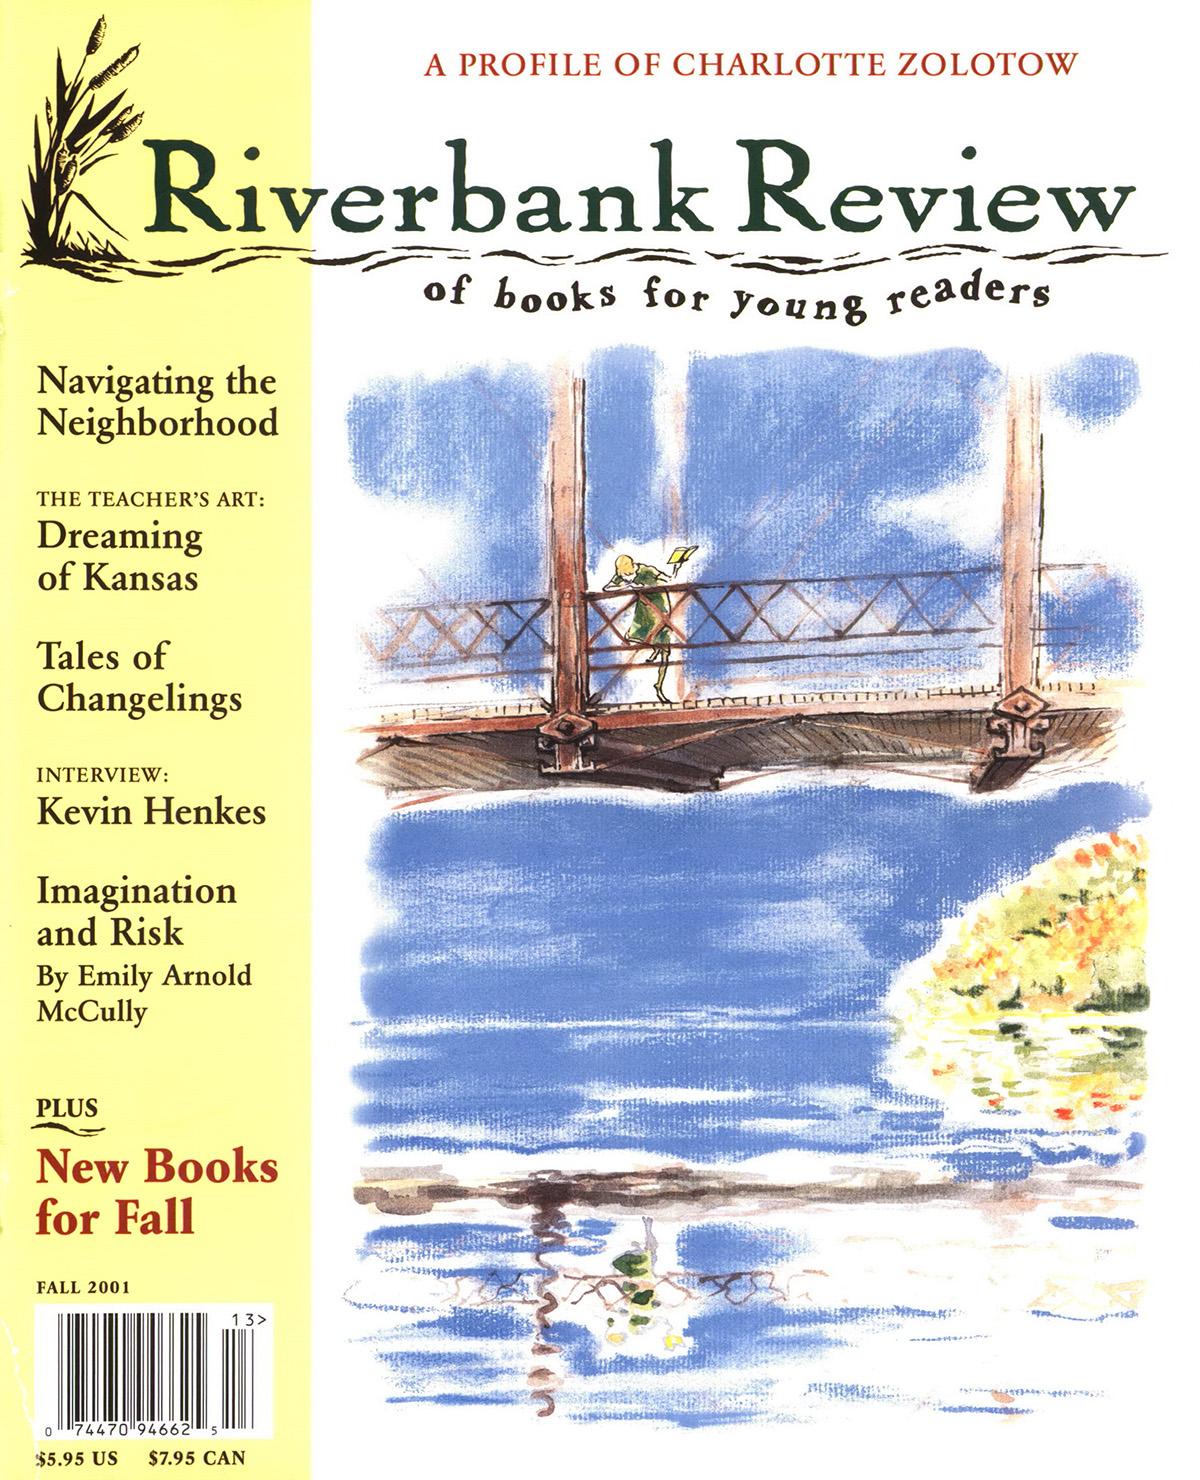 Fall 2001: David Small cover